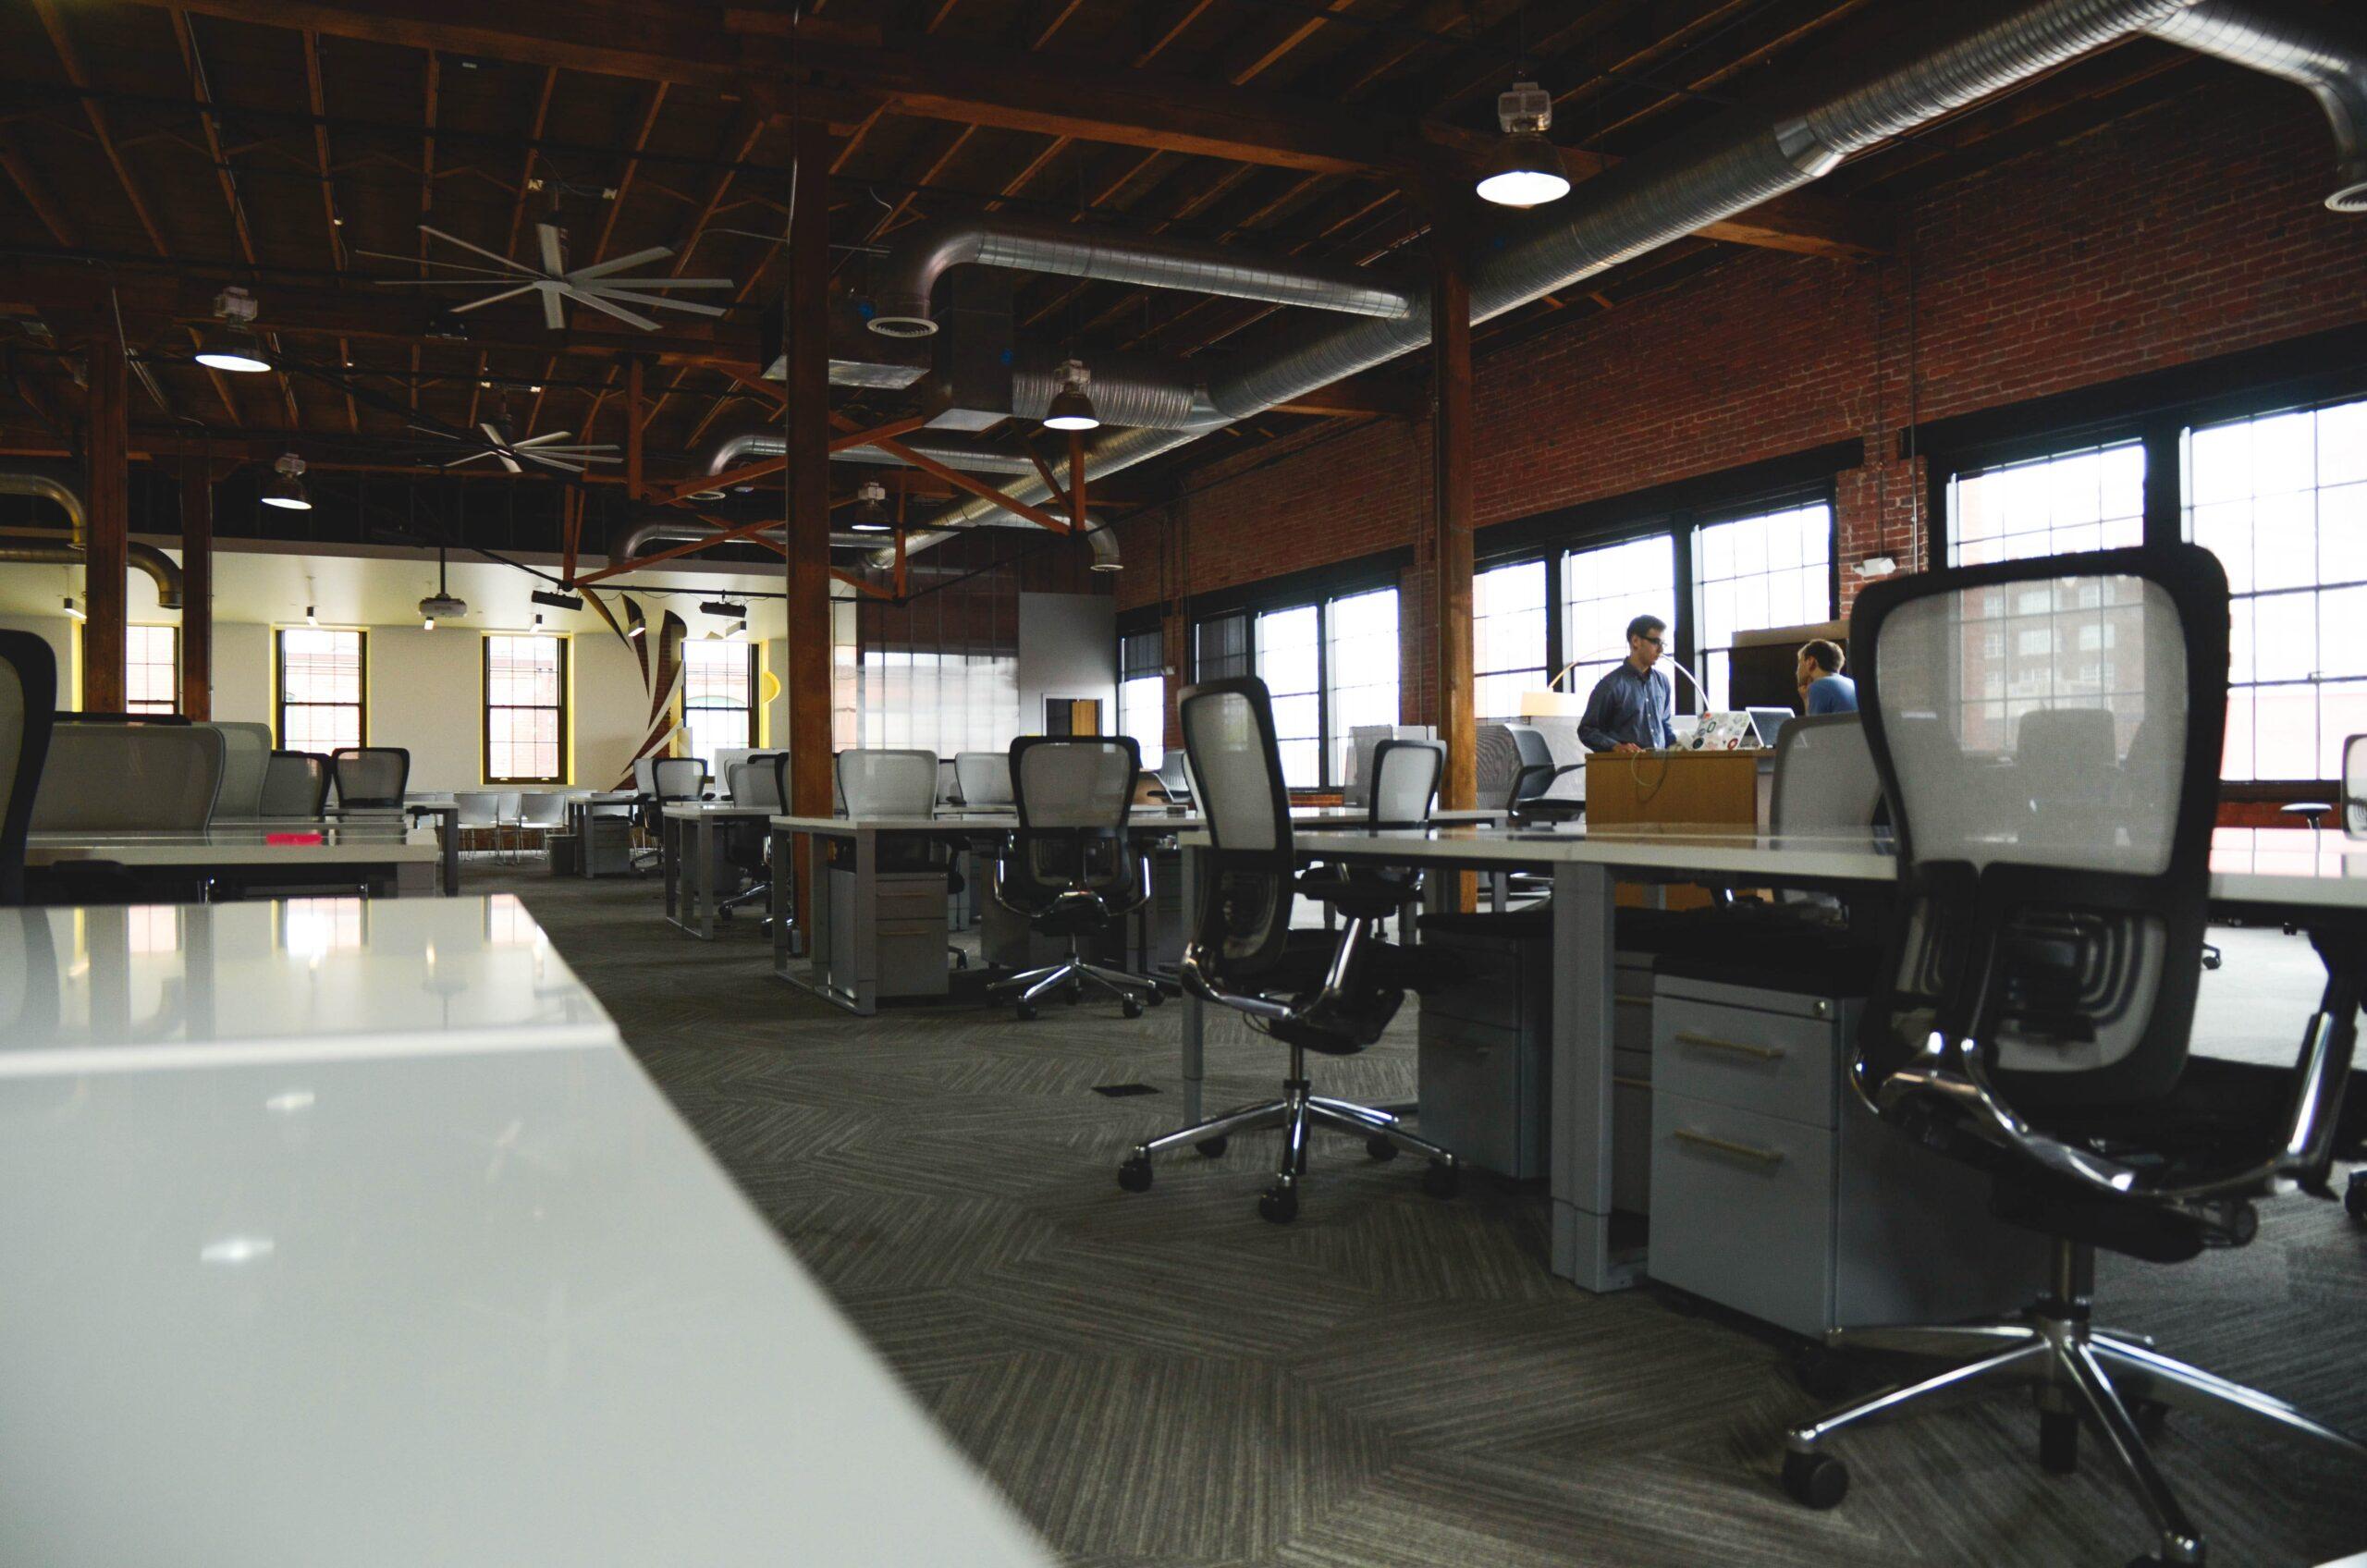 クリエイティブ・オフィスの内装デザインとは